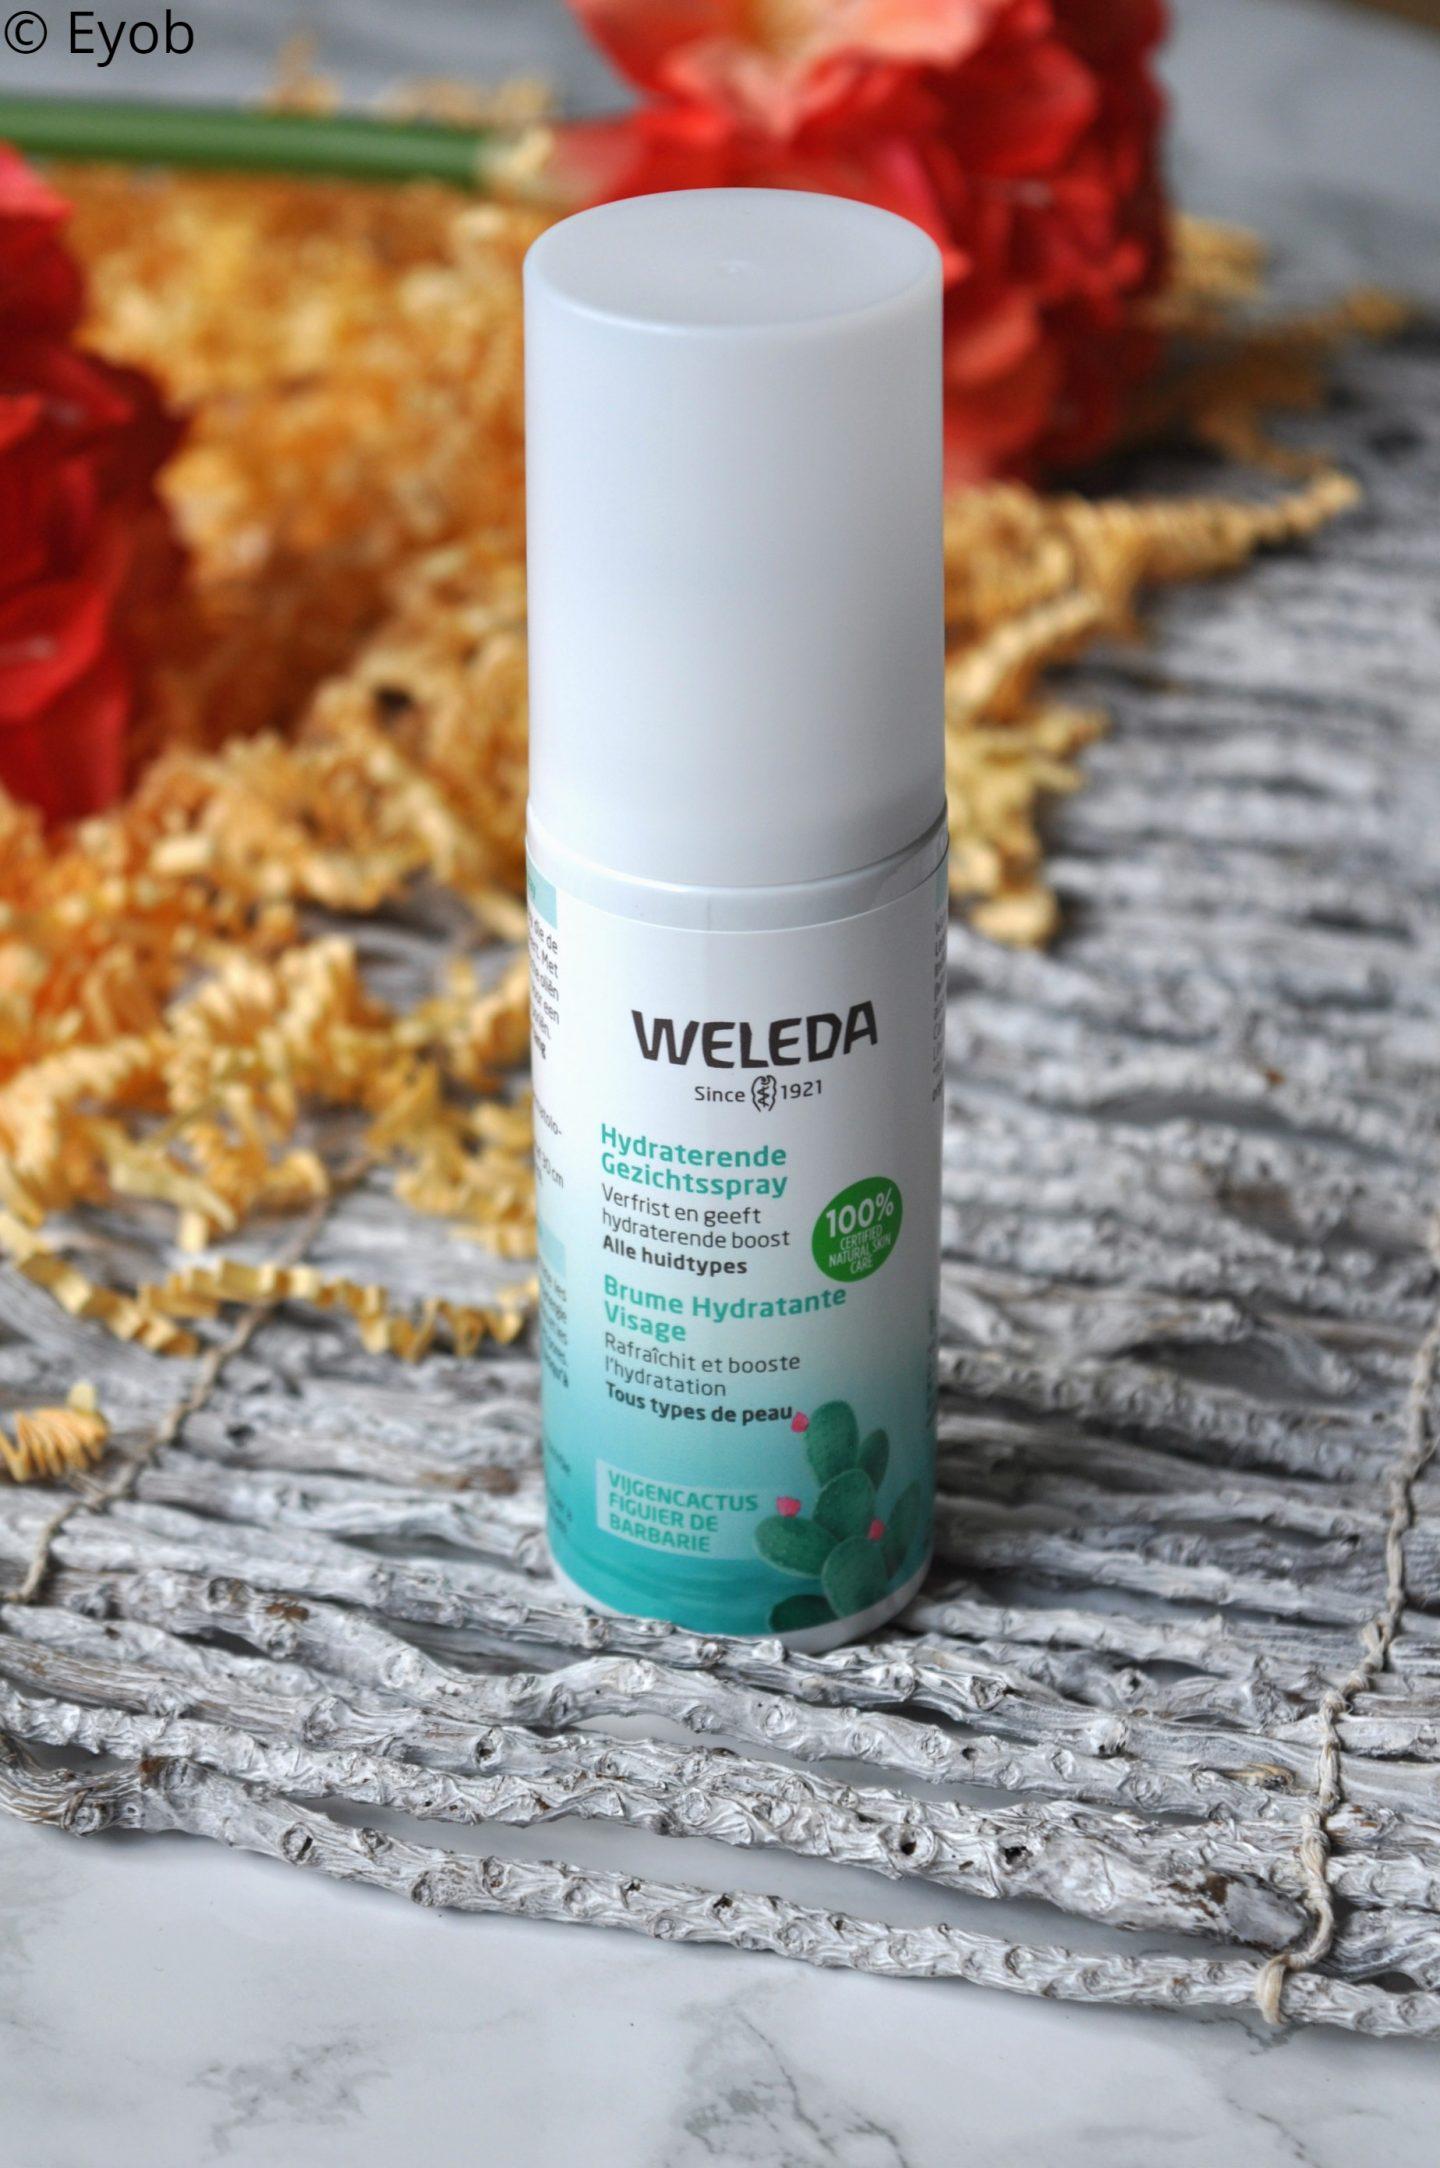 Hydraterende Gezichtsverzorging van Weleda